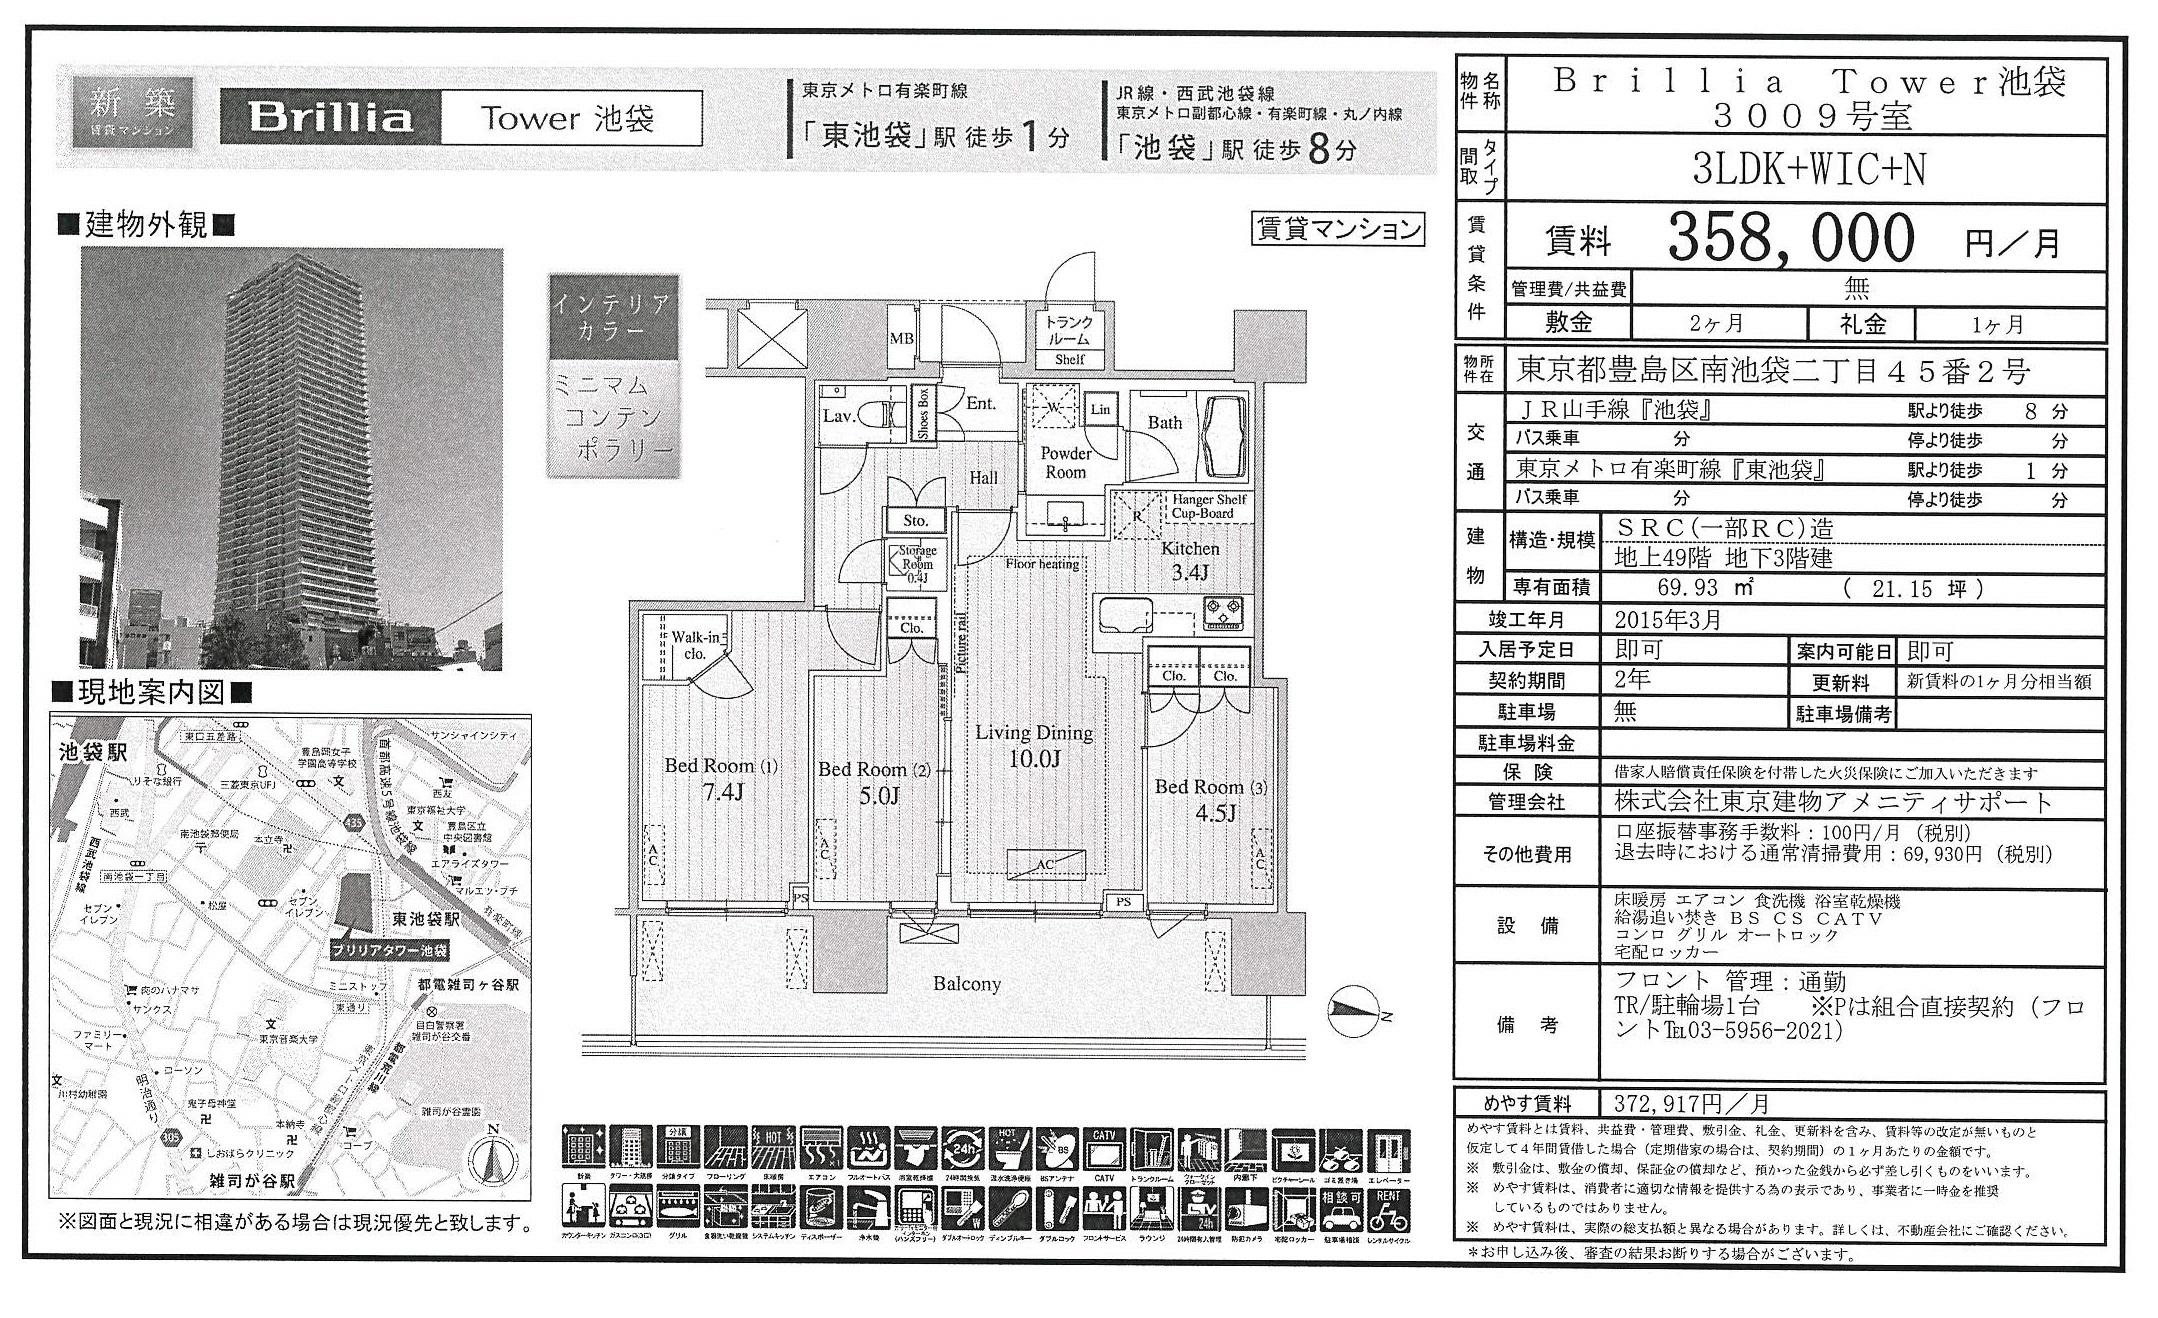 ブリリアタワー池袋図面3009号室